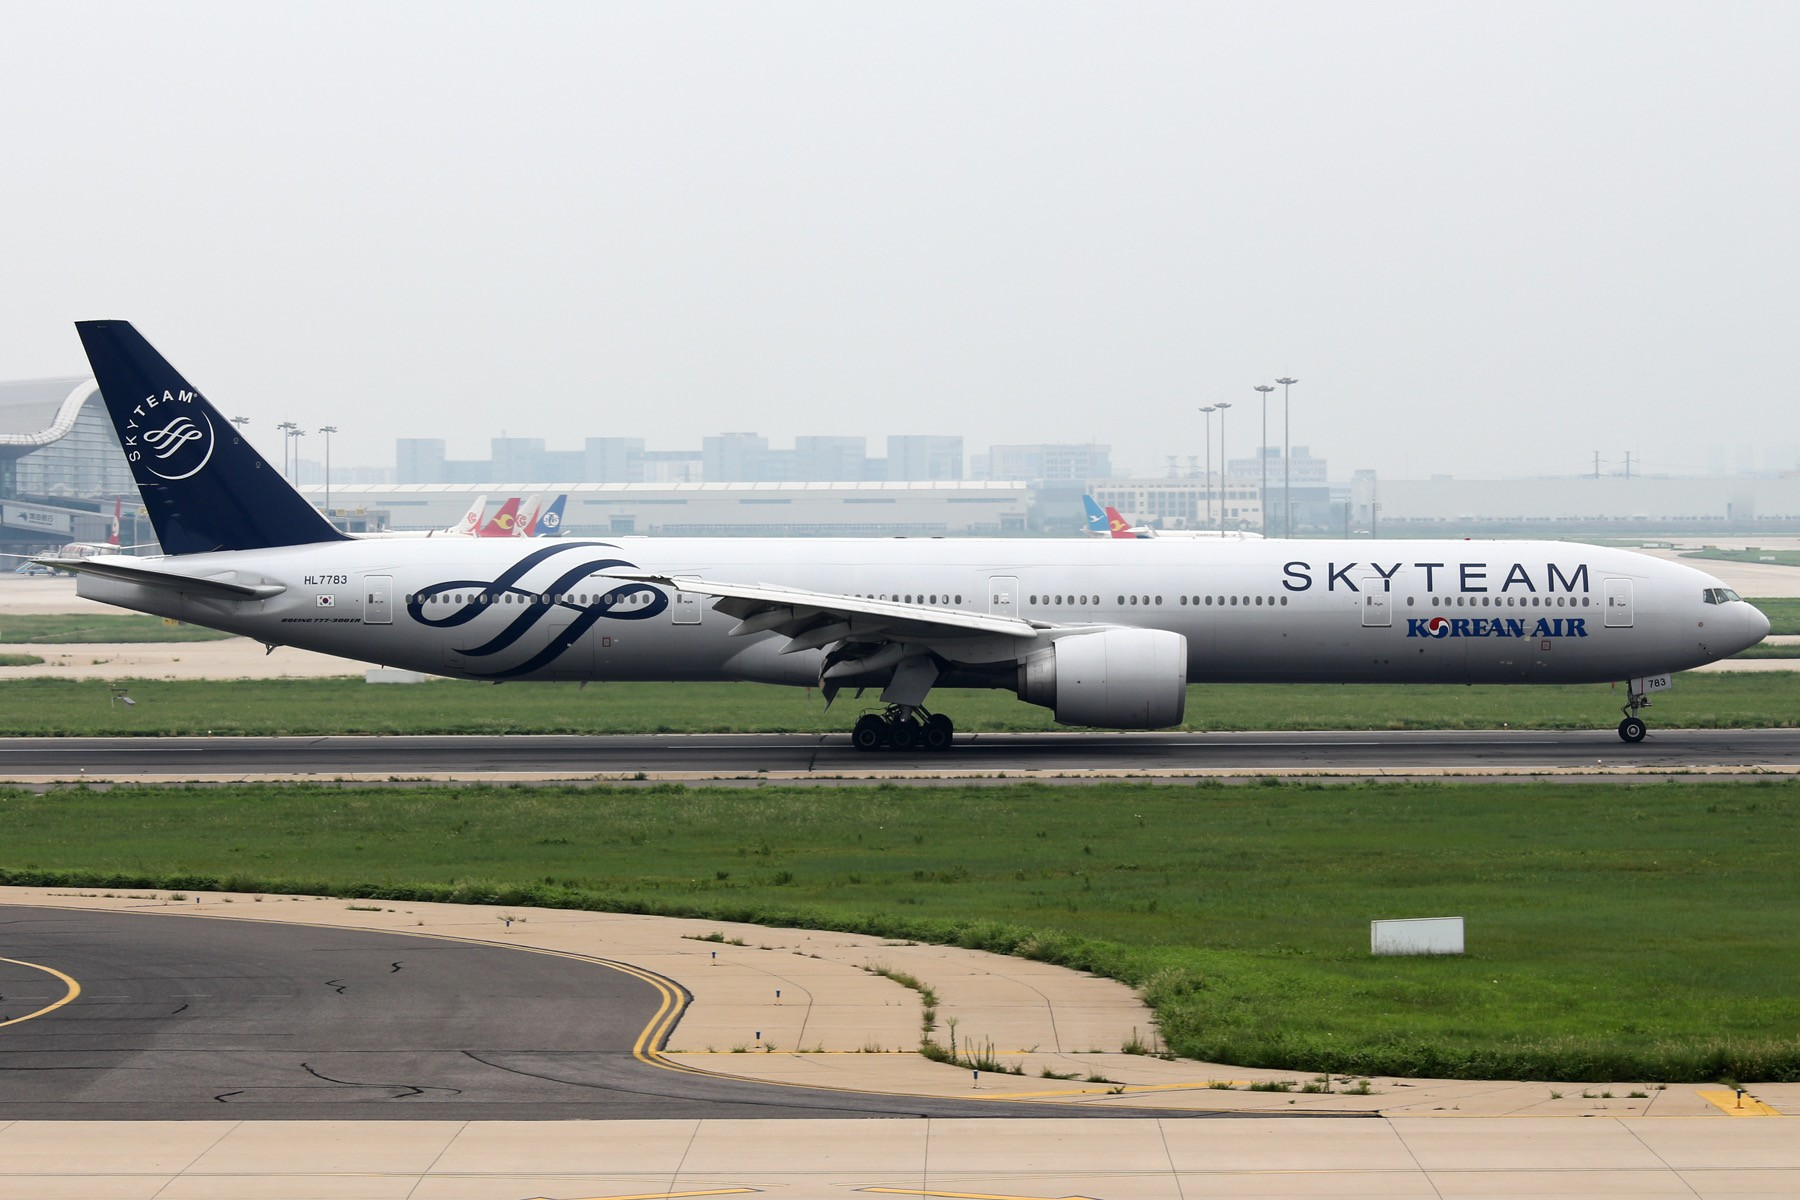 [原创]天津飞友会  大韩航空天合联盟HL7783 BOEING 777-300ER  中国天津滨海国际机场